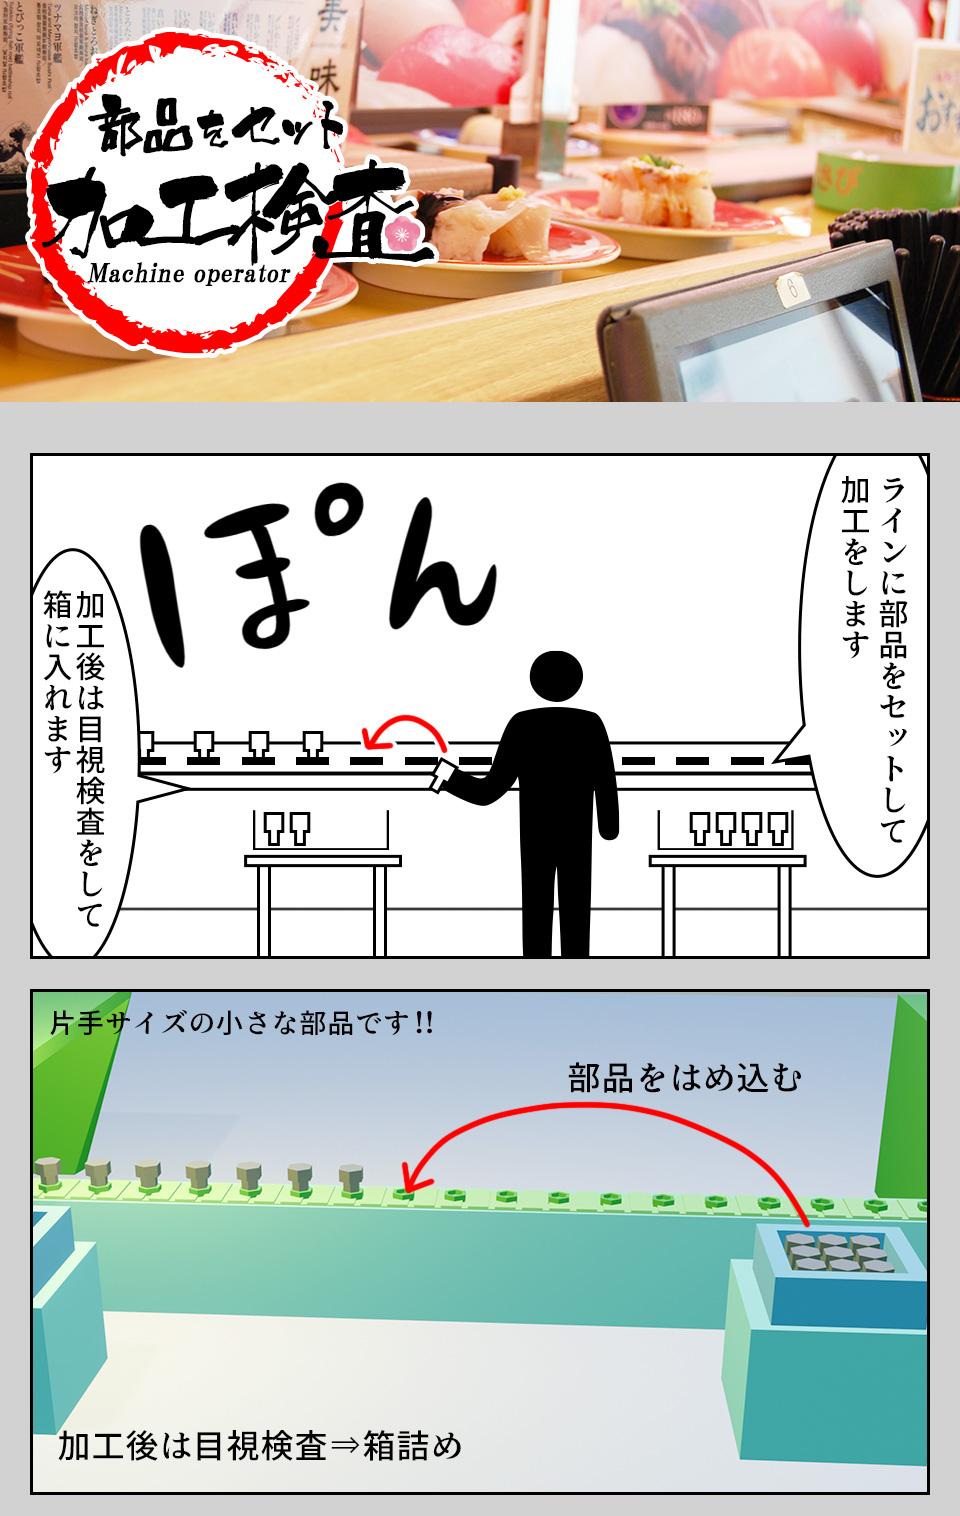 部品加工・機械オペレーター 愛知県豊橋市の派遣社員求人